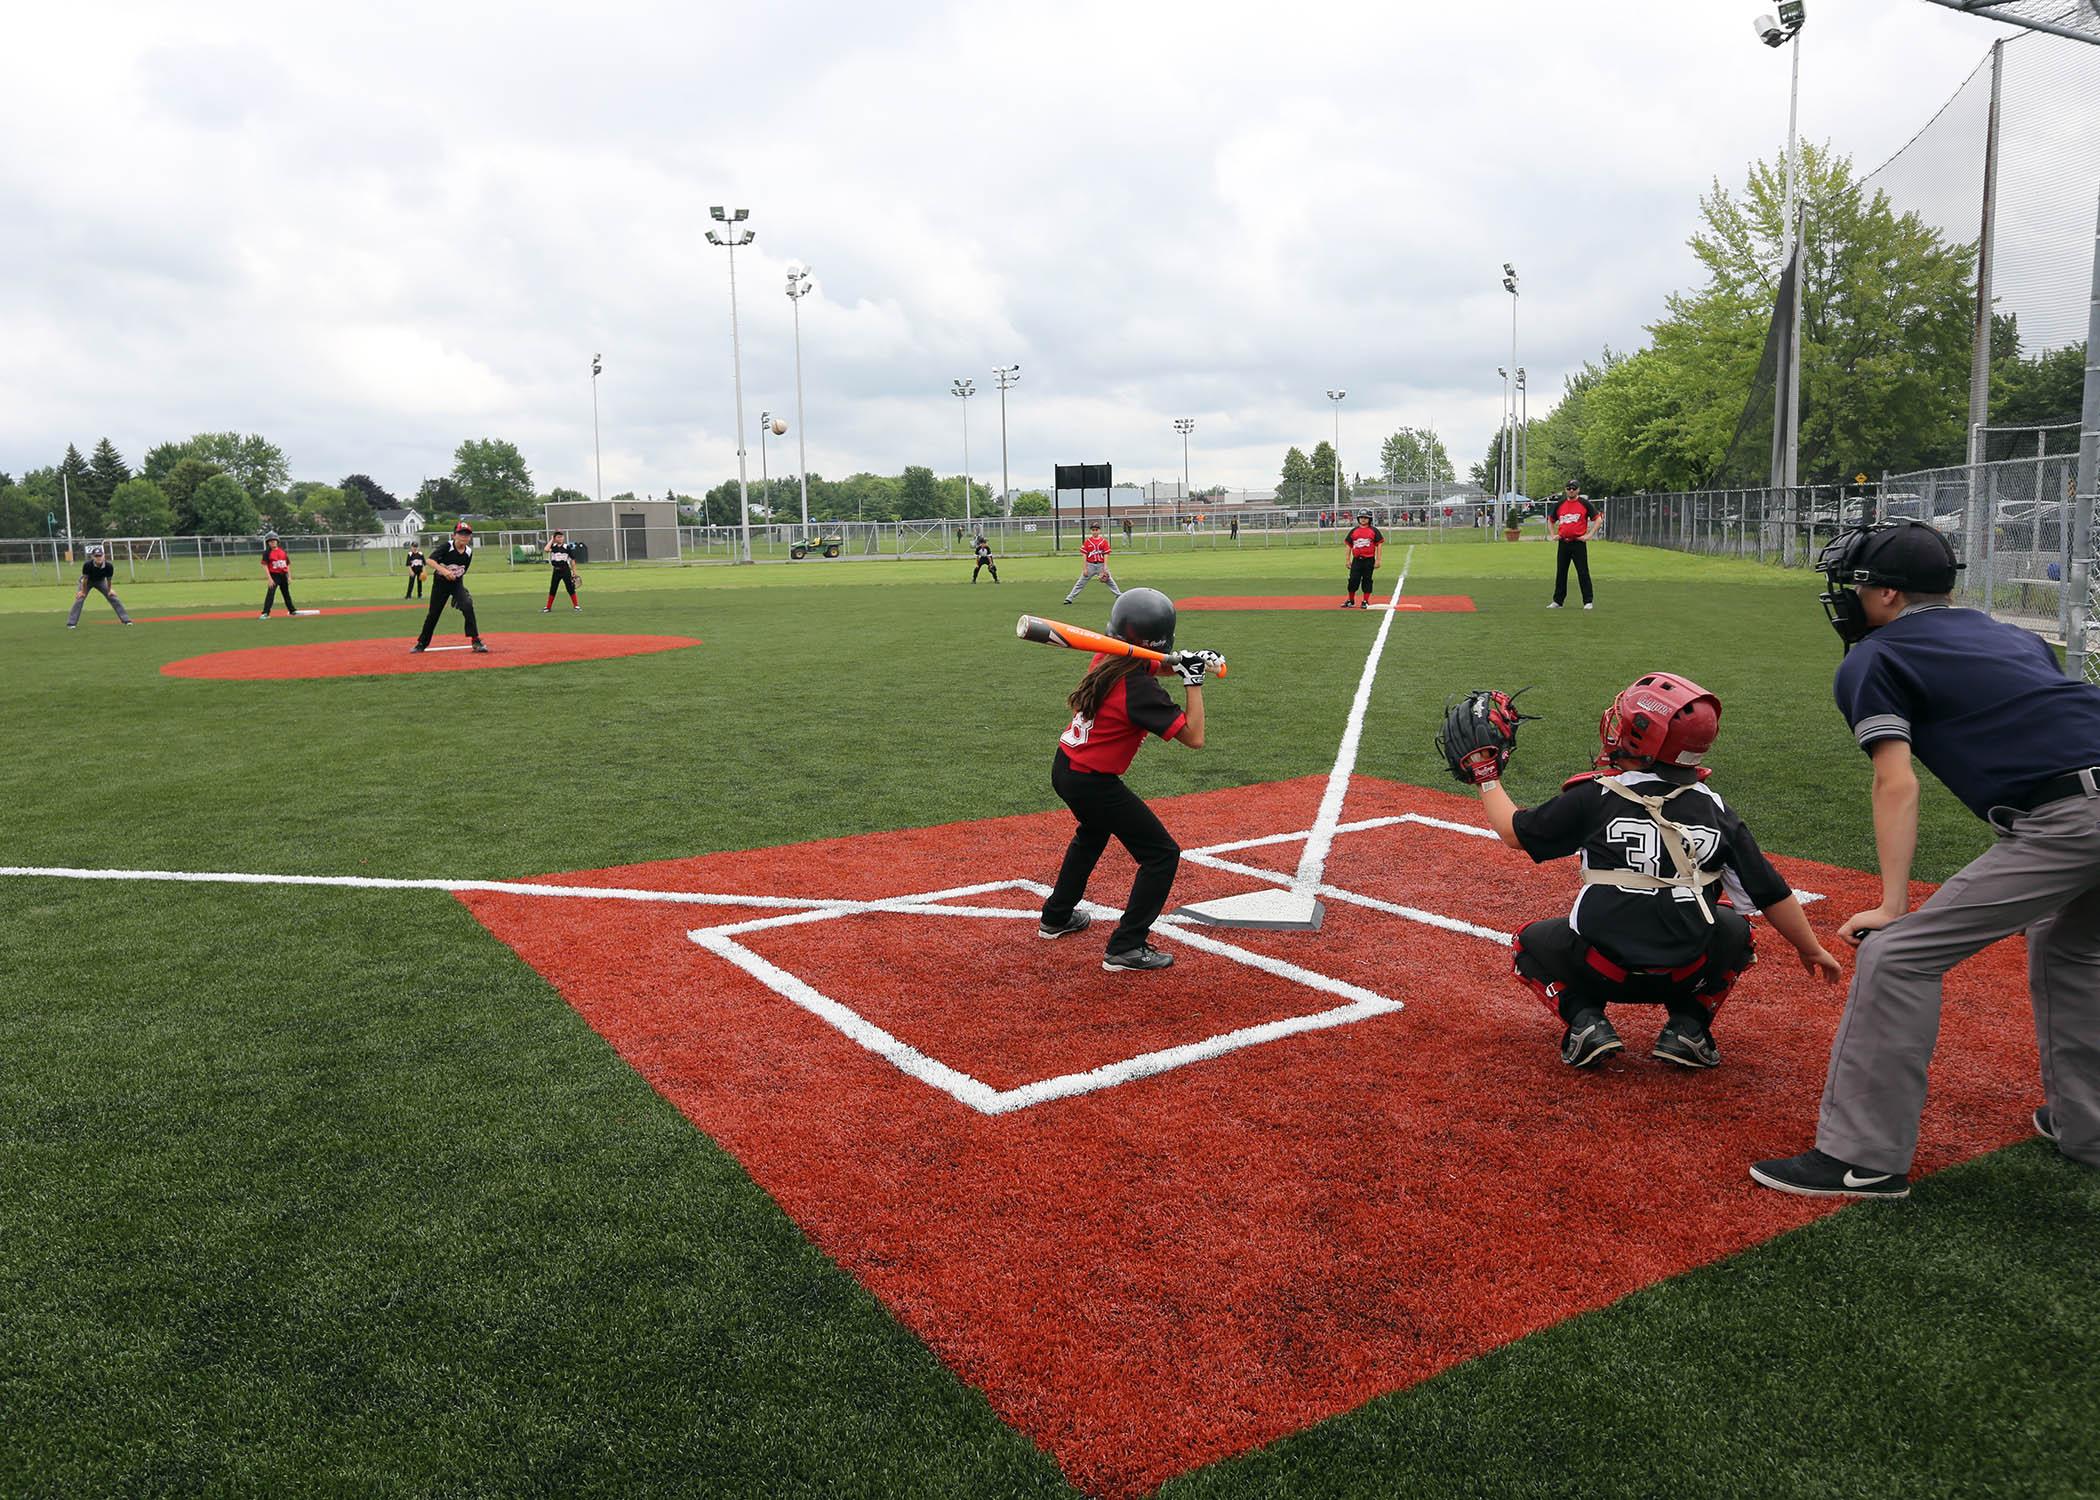 terrain-baseball.jpg (621 KB)